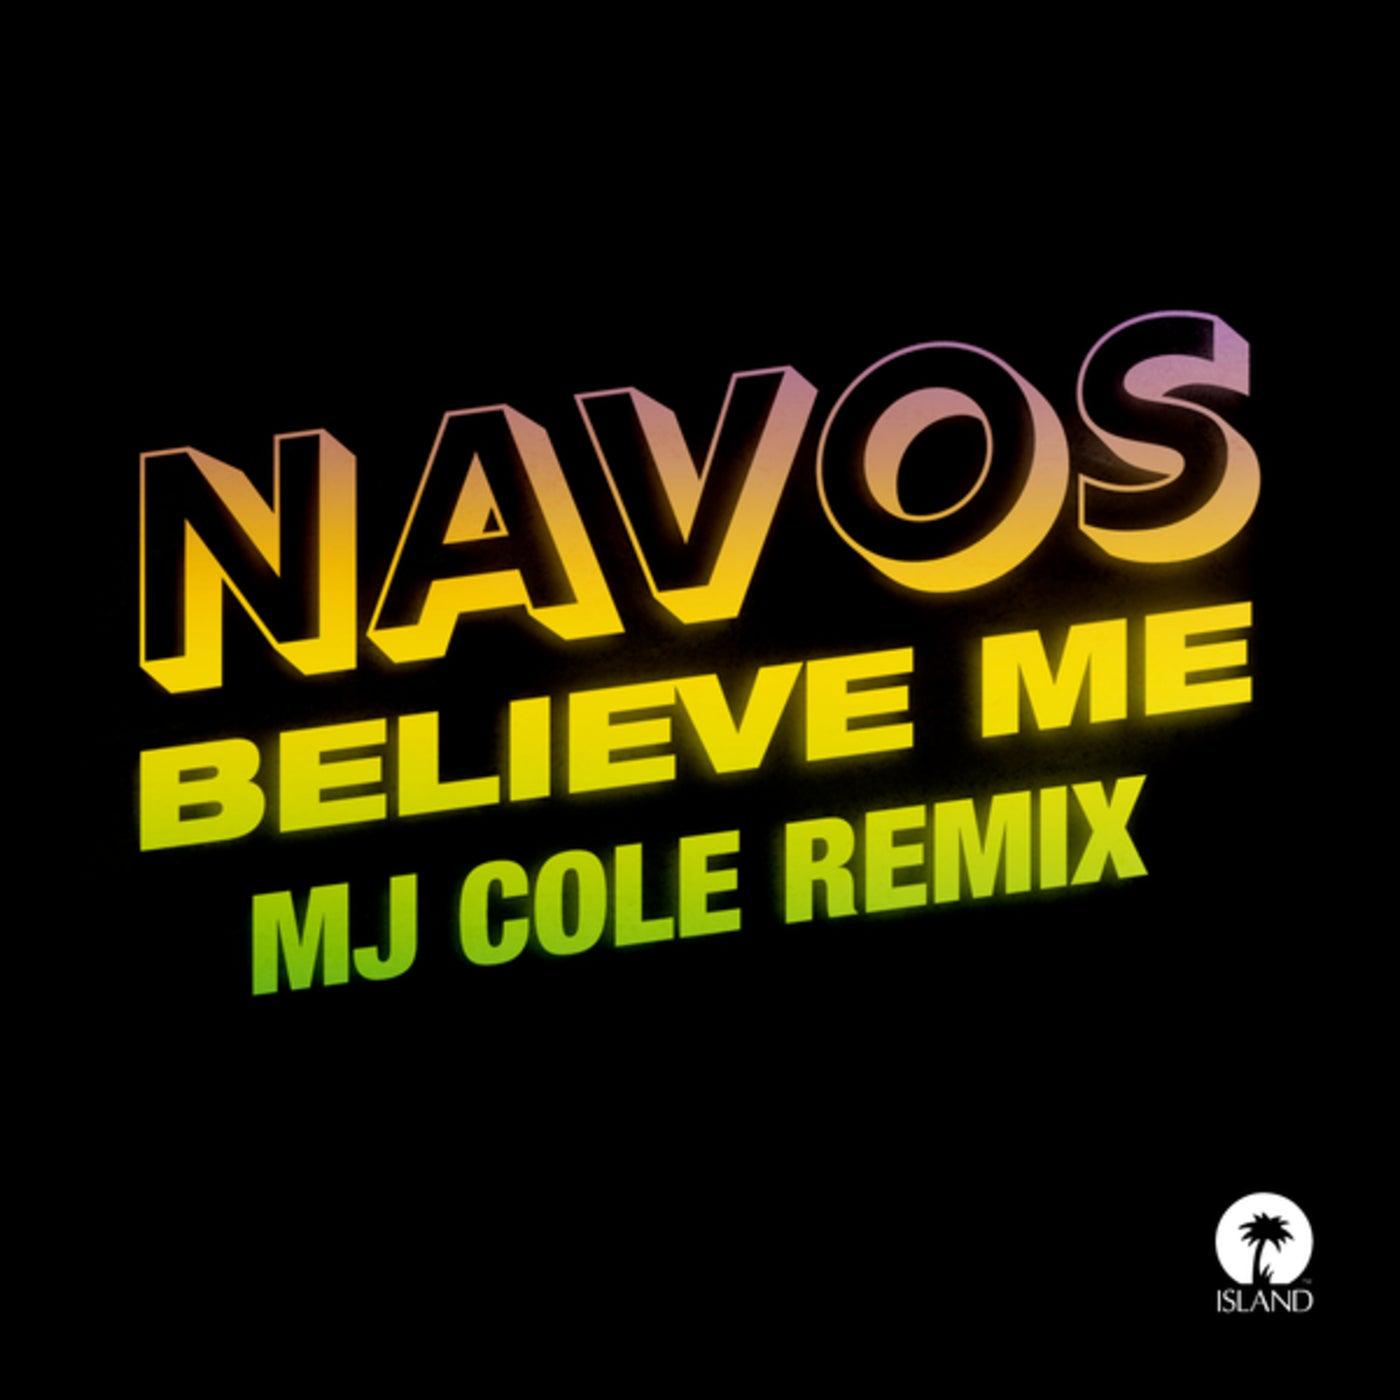 Believe Me (MJ Cole Remix)